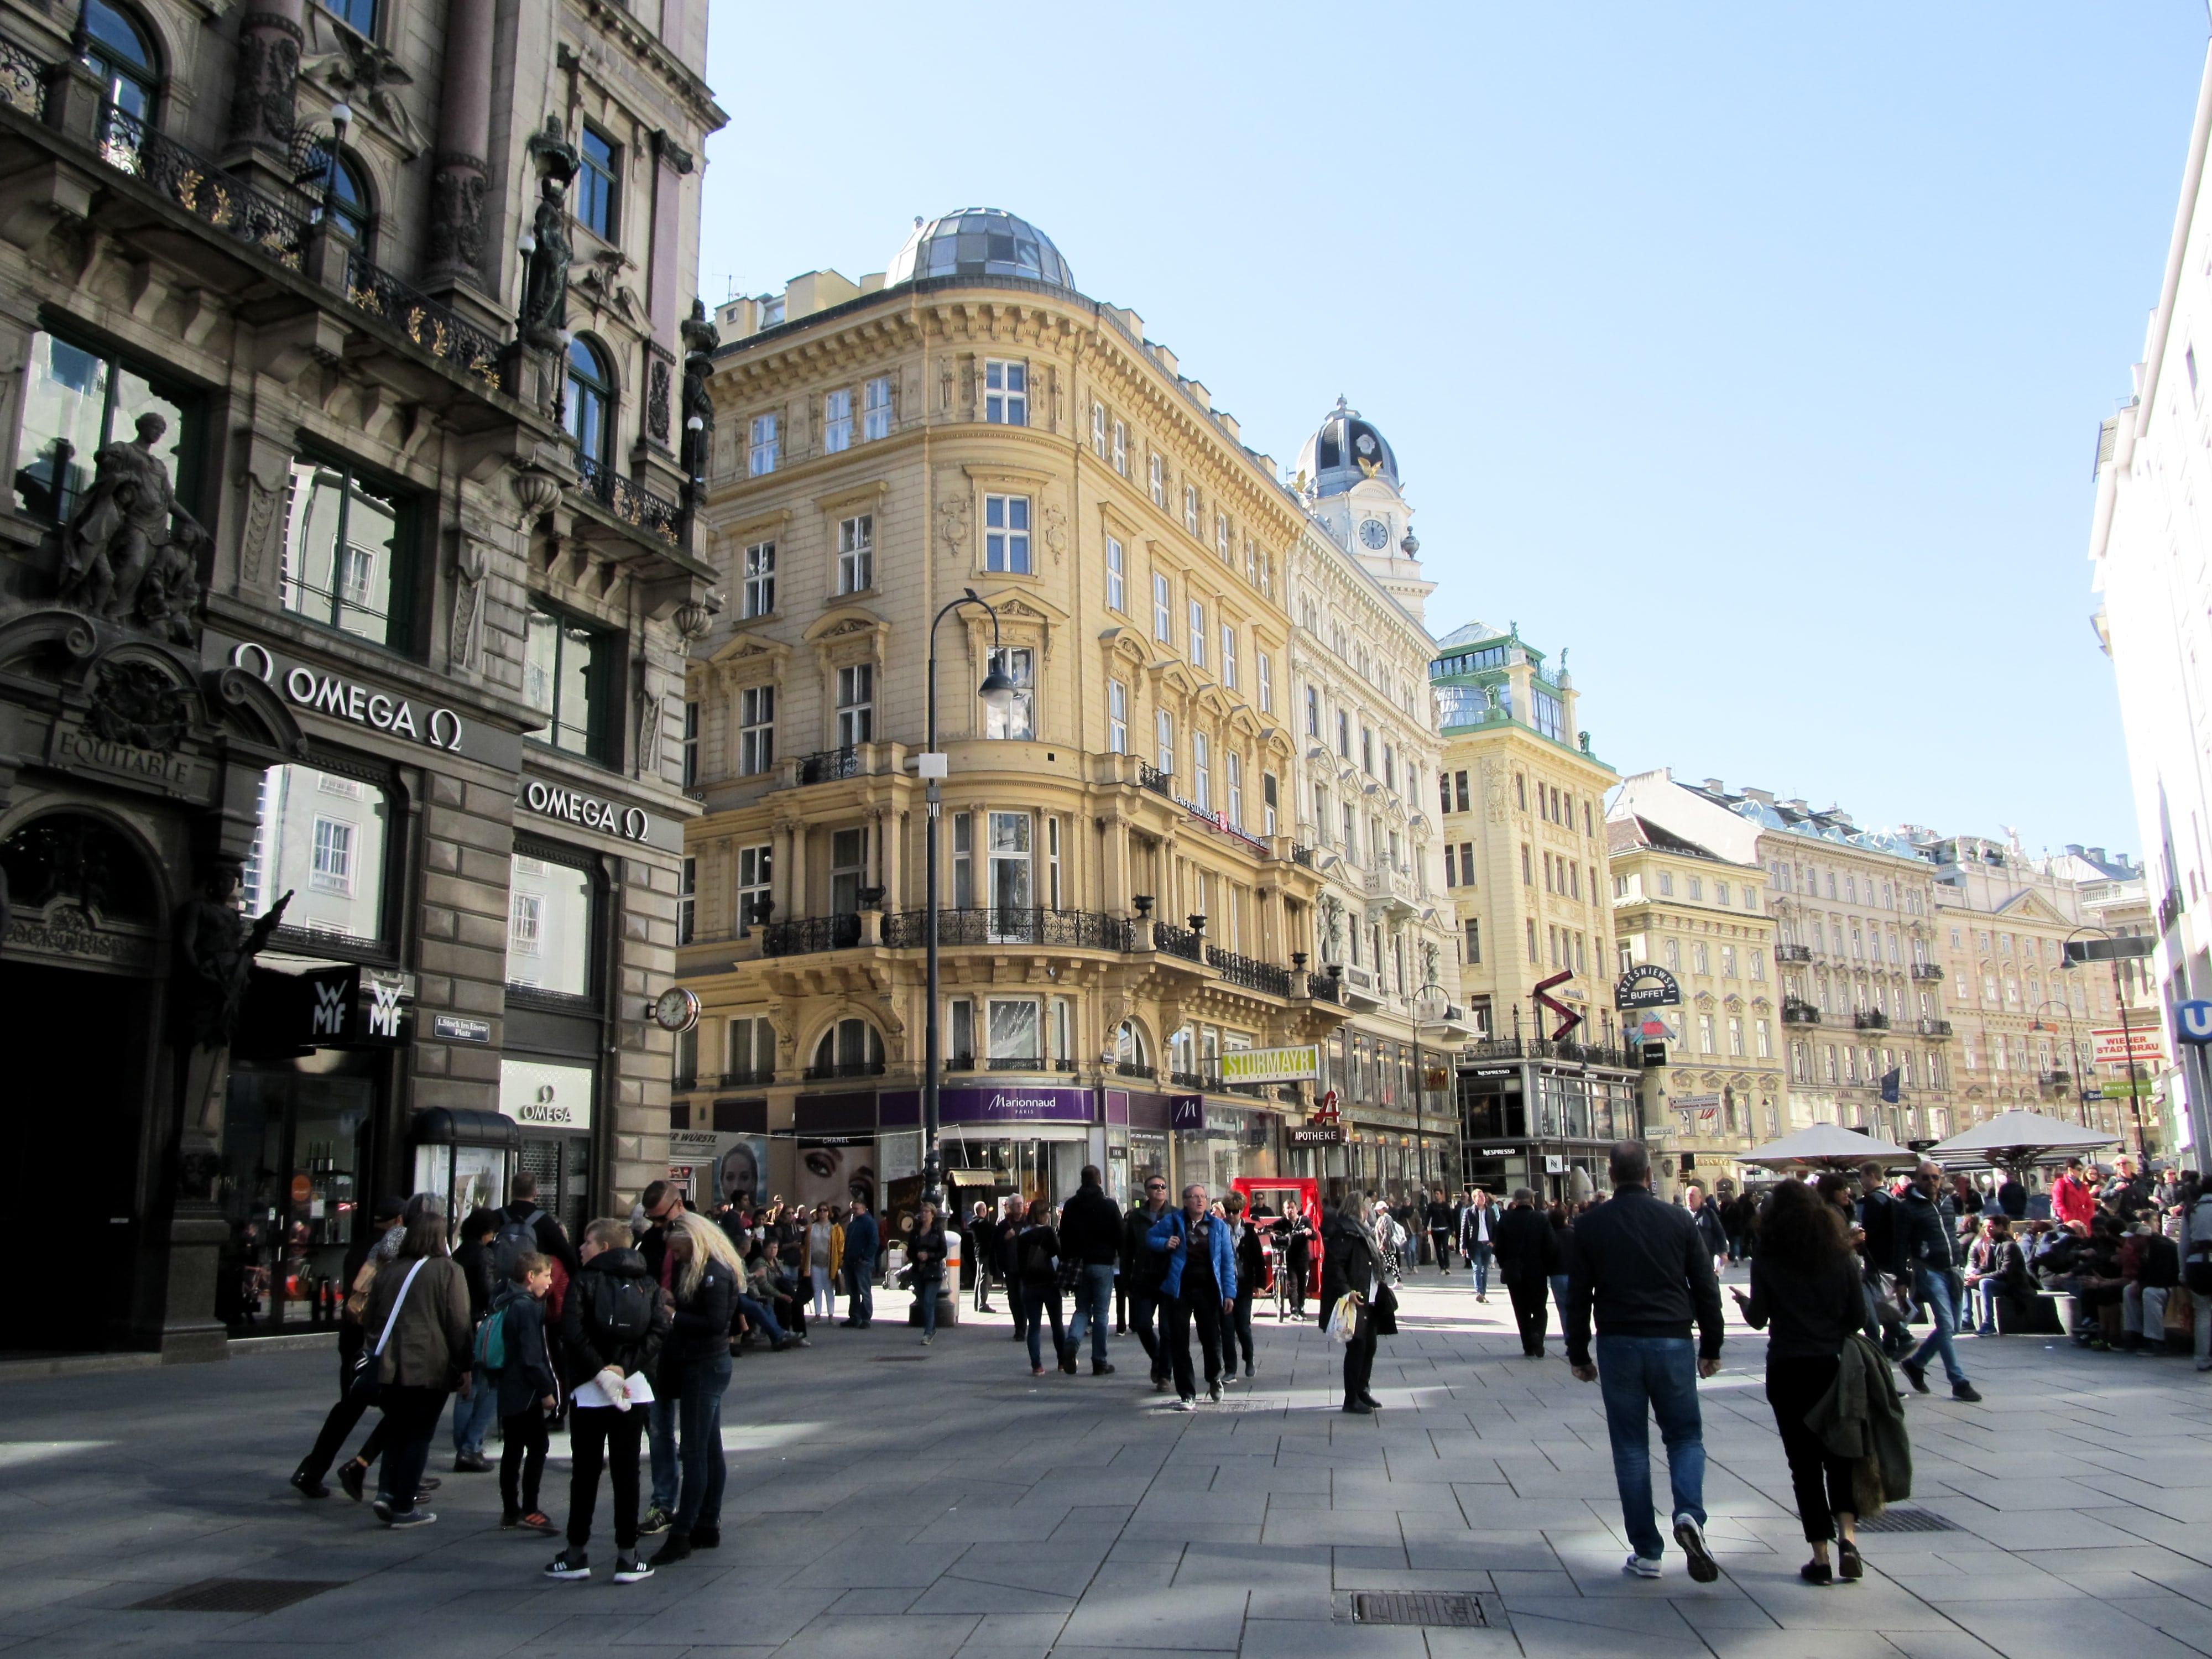 Découvrez la majestueuse Vienne avec les 5 immanquables à voir pour une visite expresse.